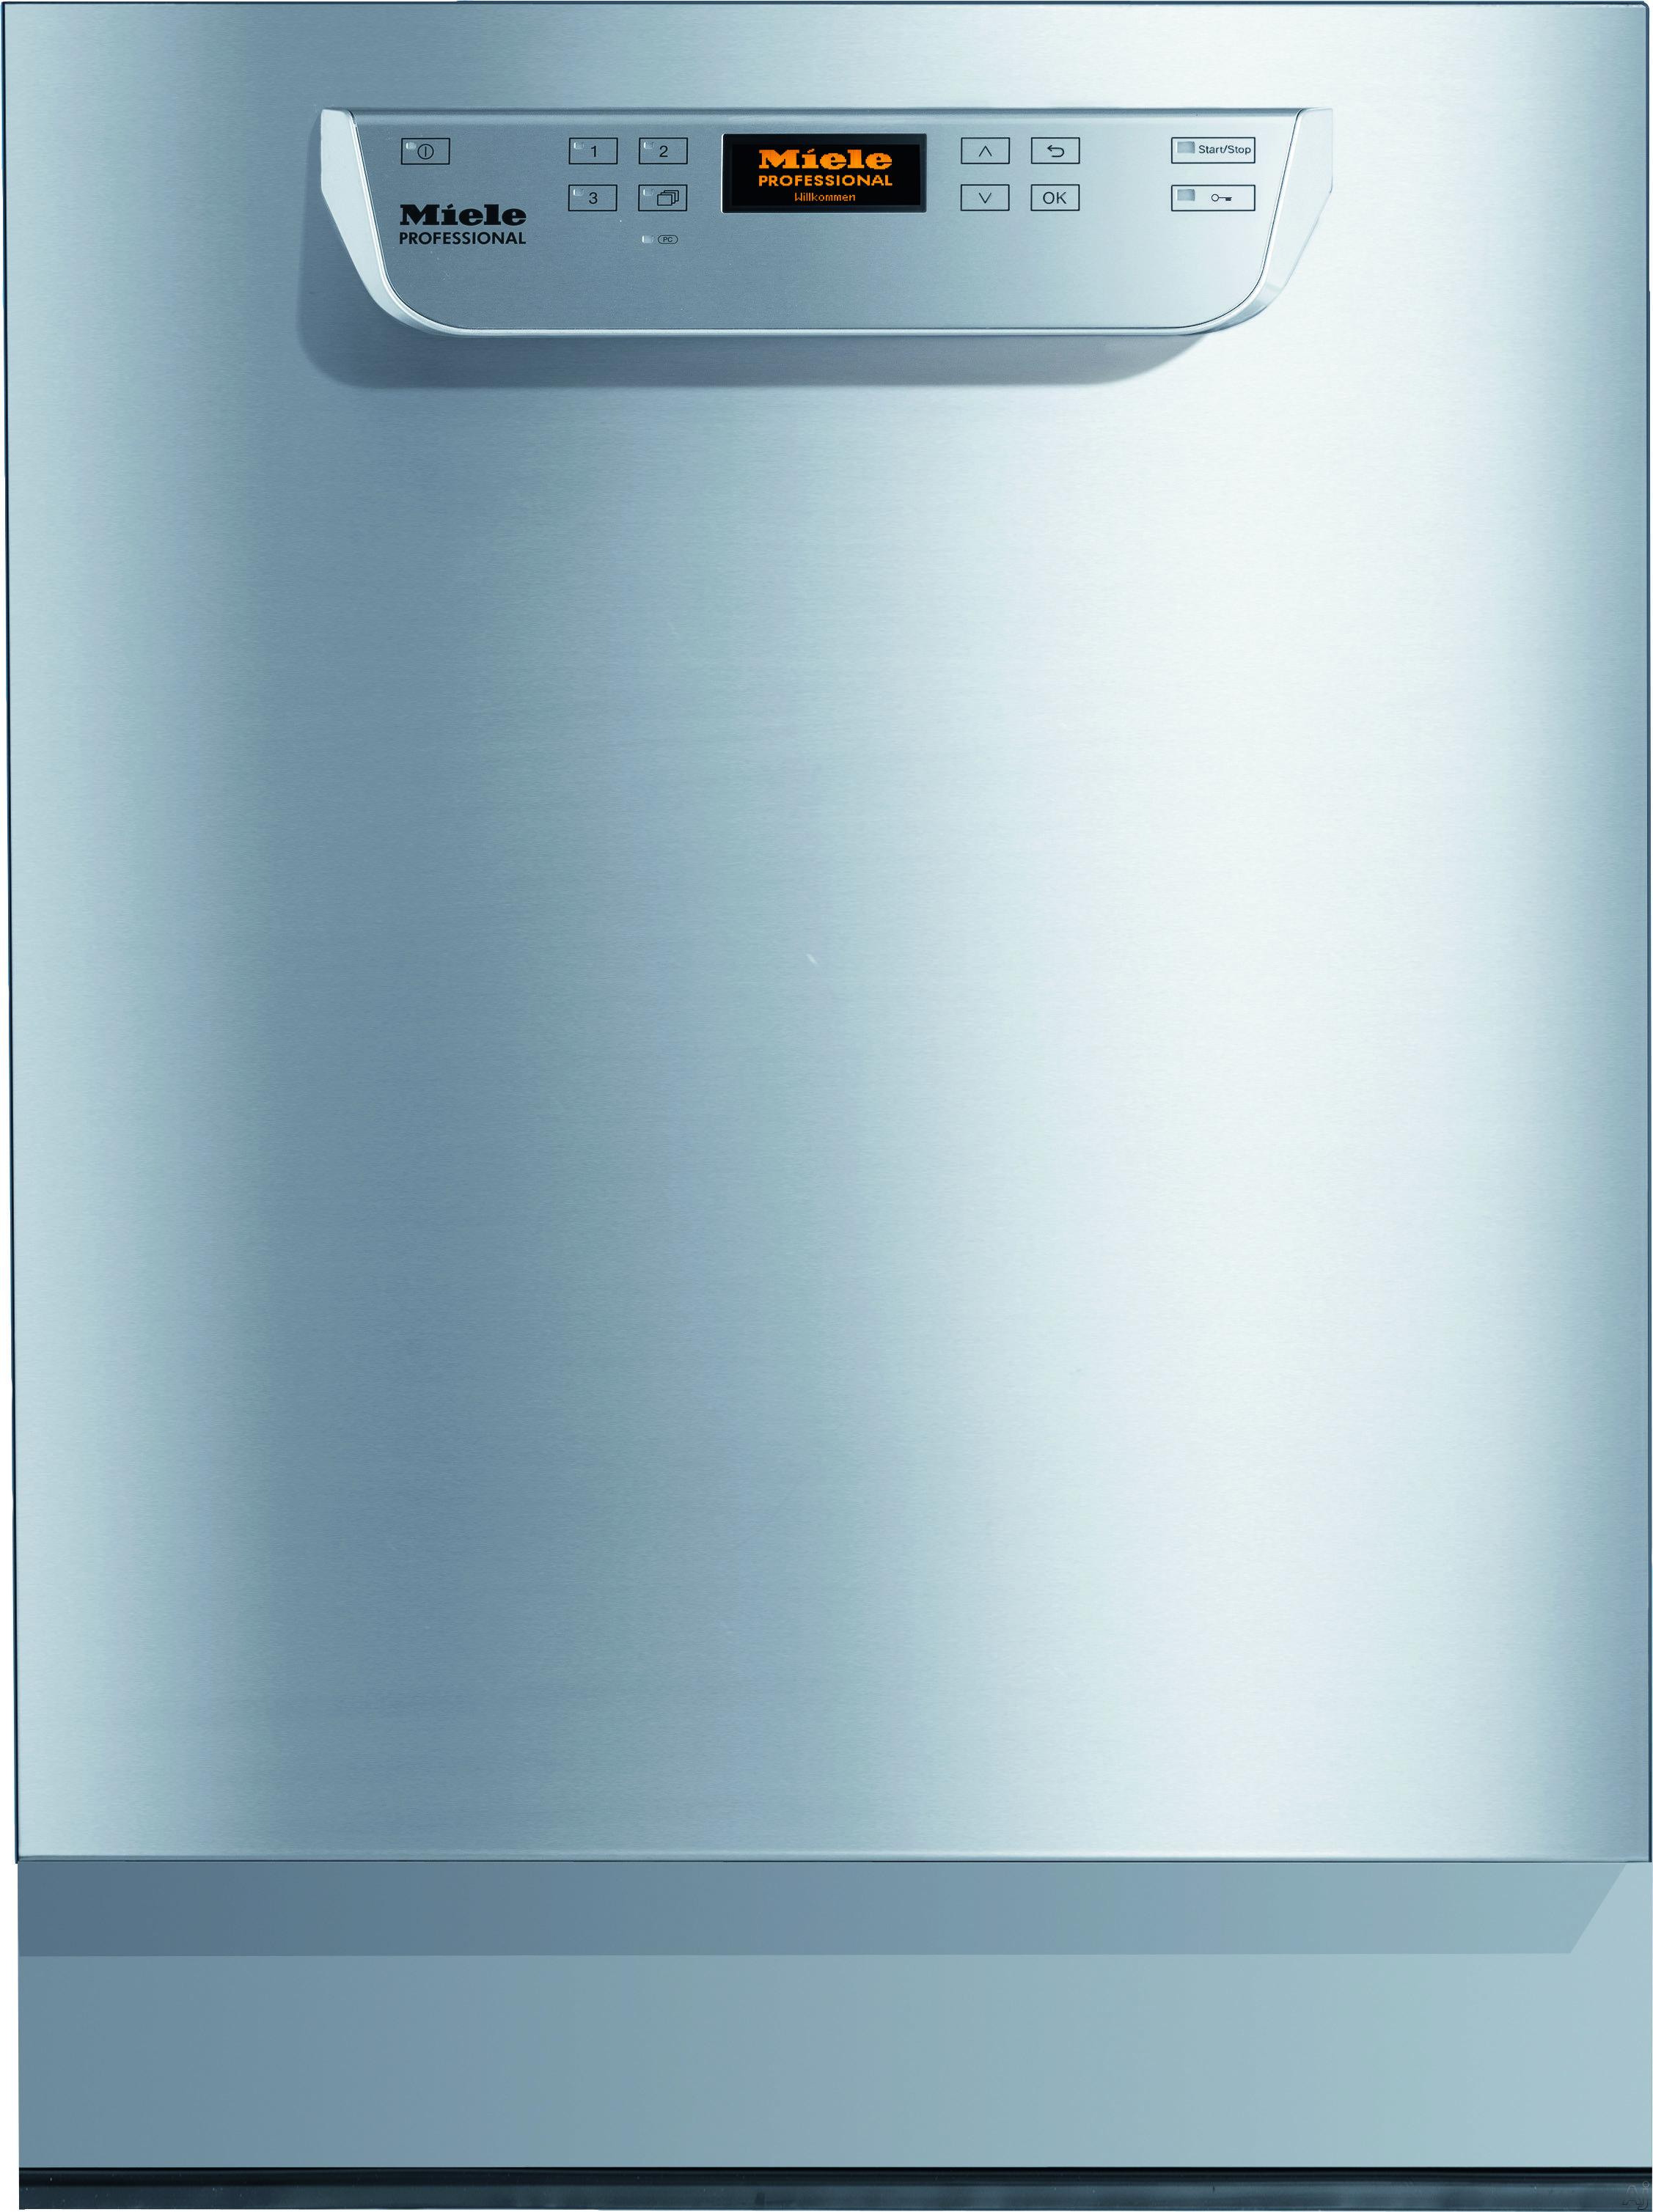 What Dishwasher Detergent Fresh